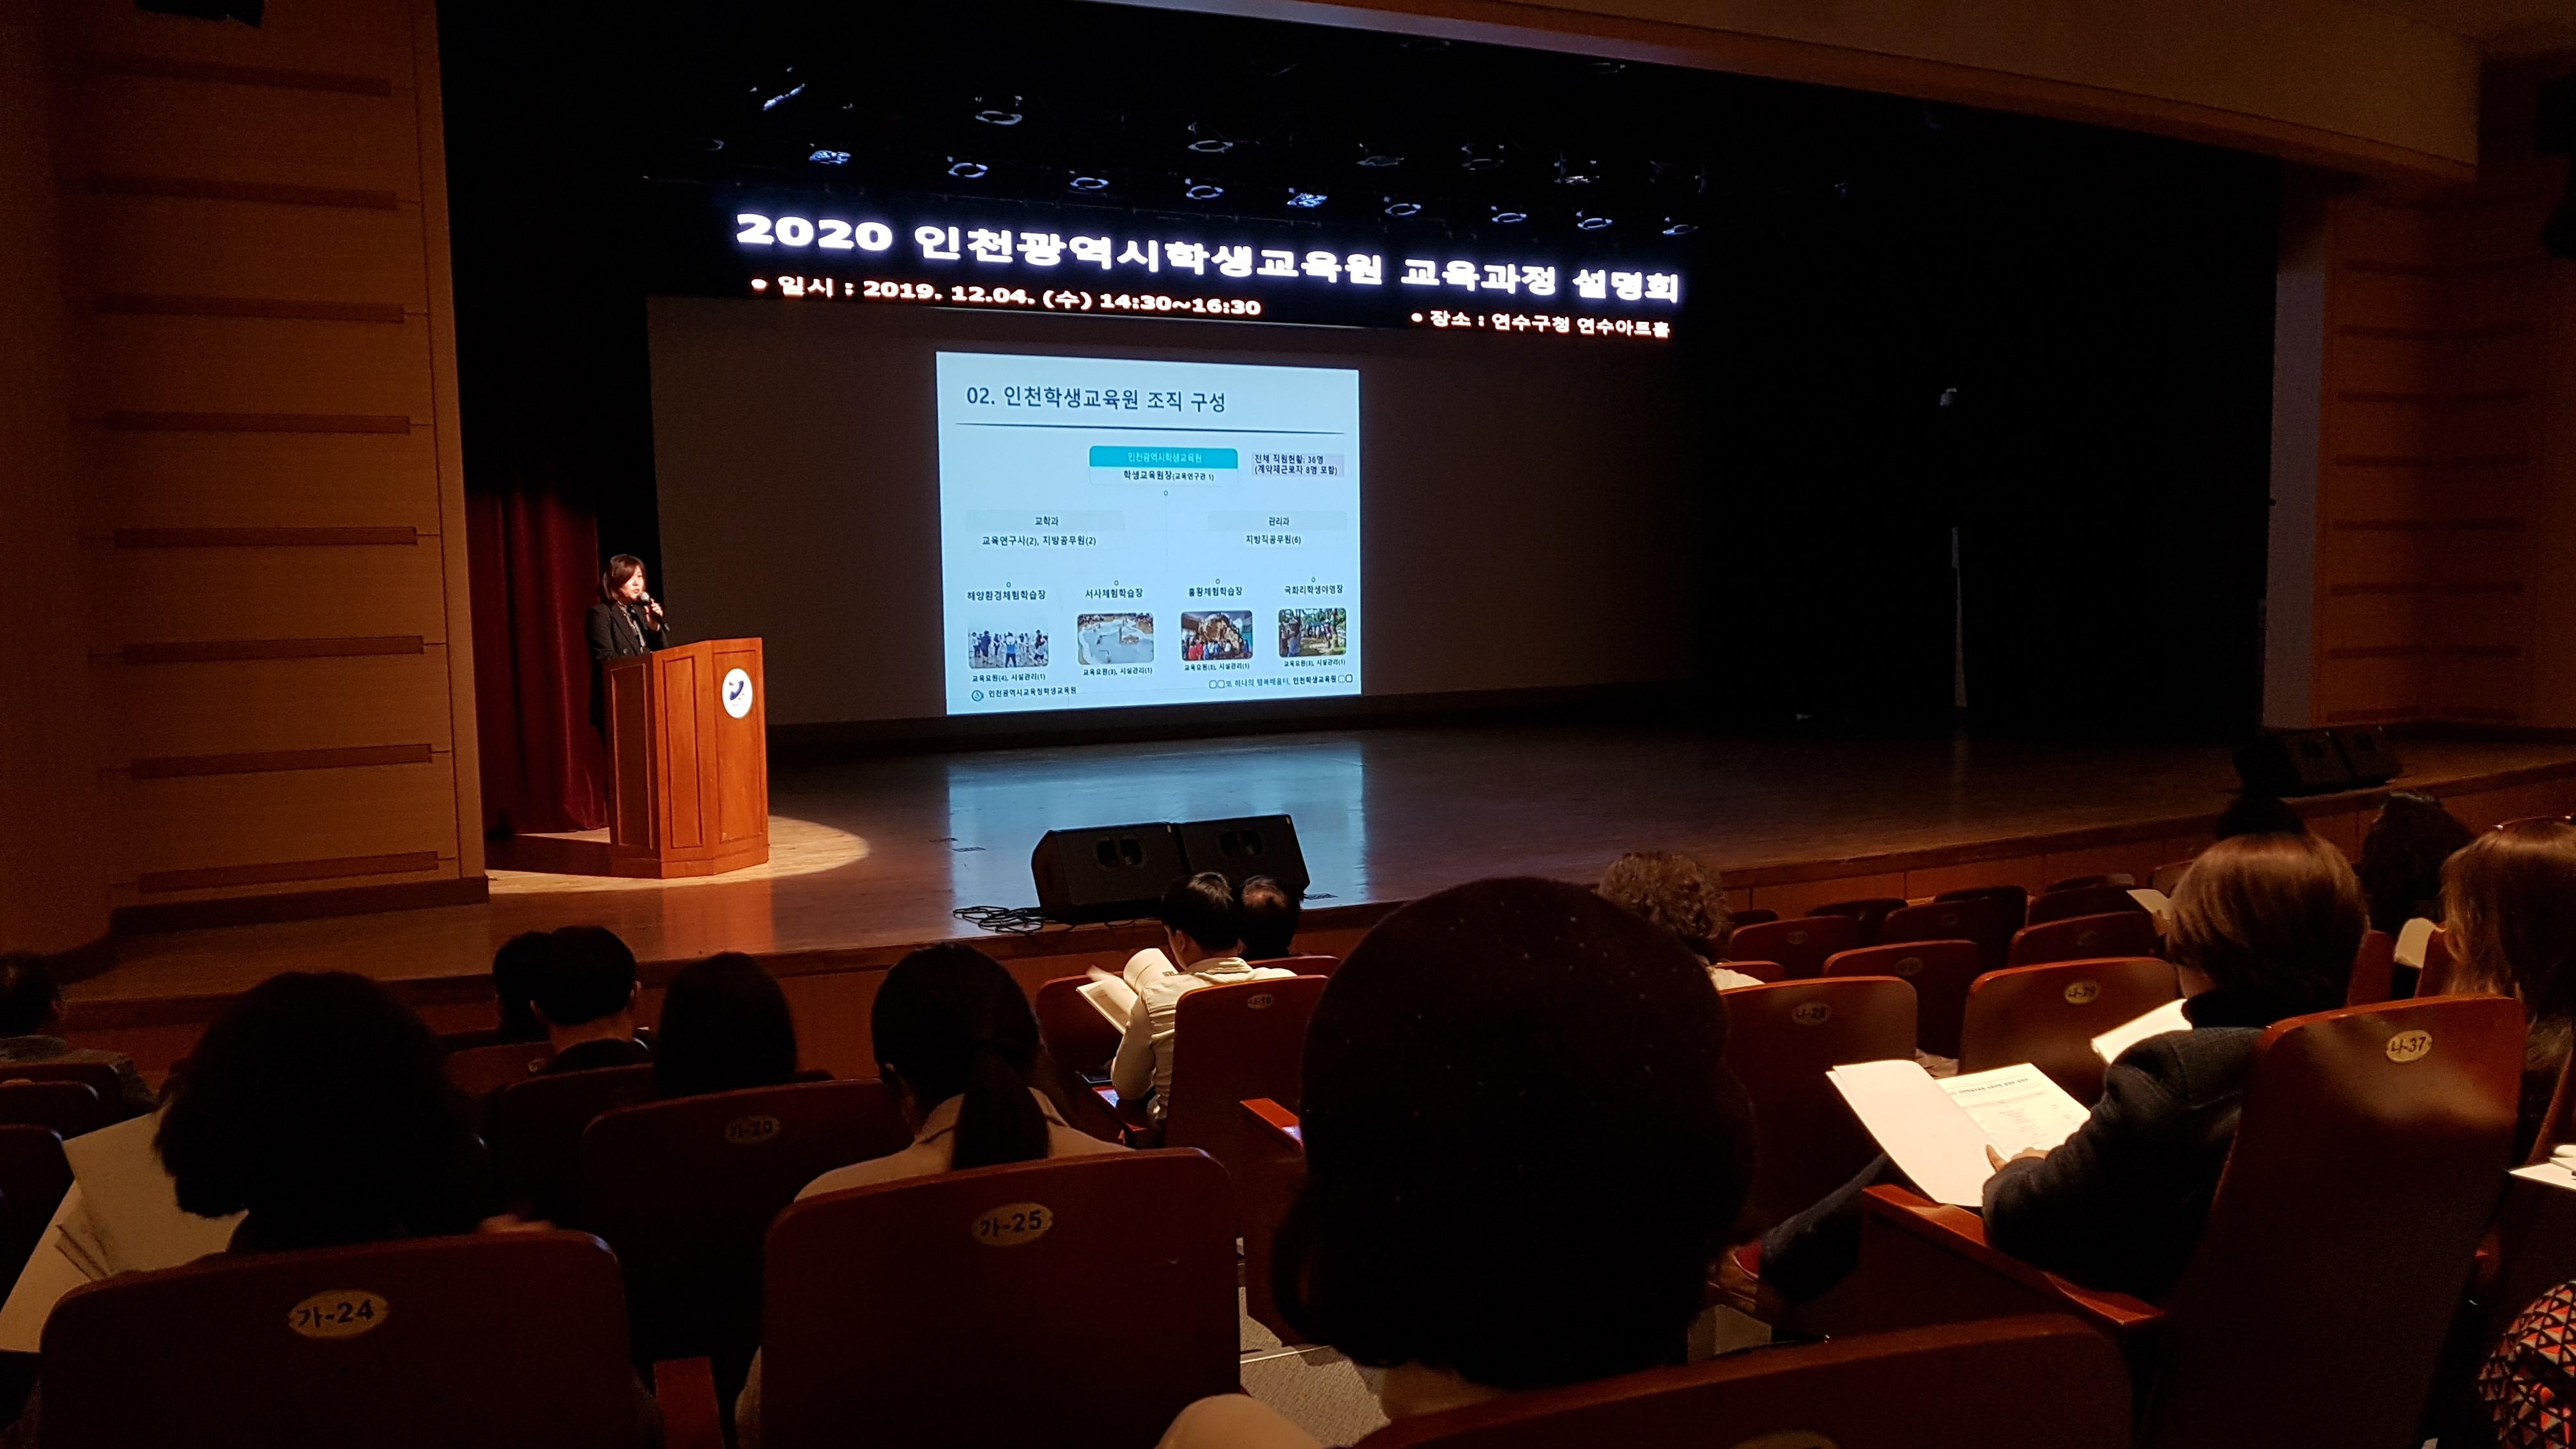 인천학생교육원, 2020 교육과정 설명회 개최